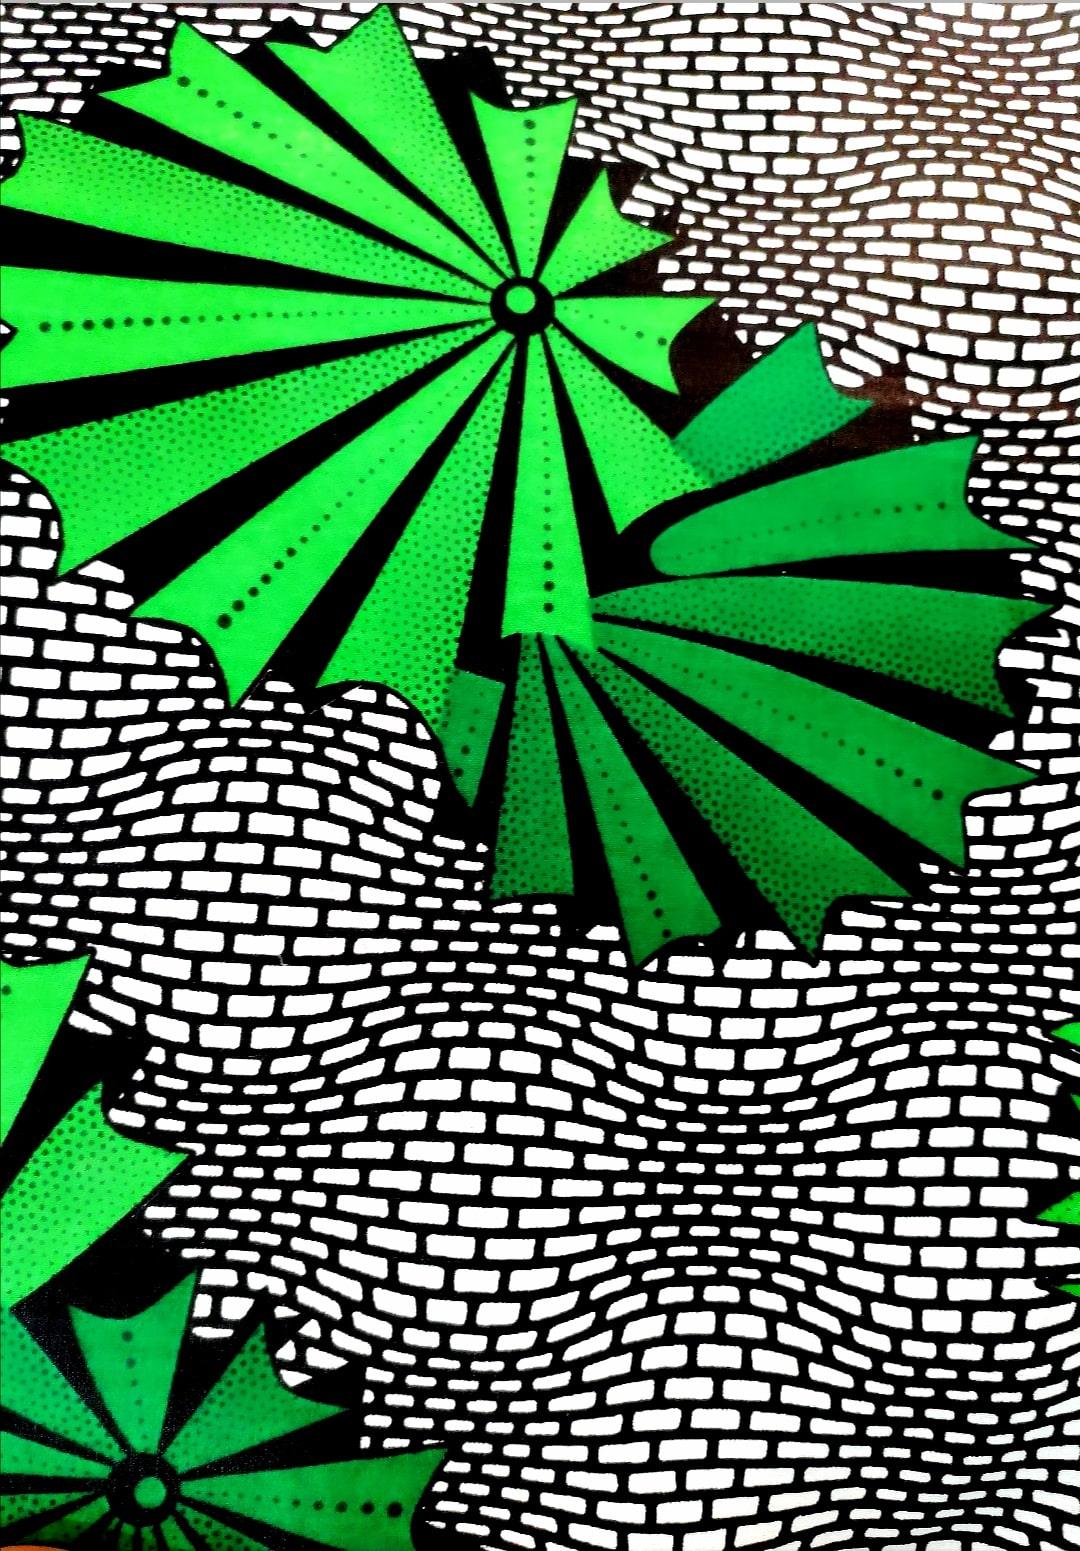 The green fan